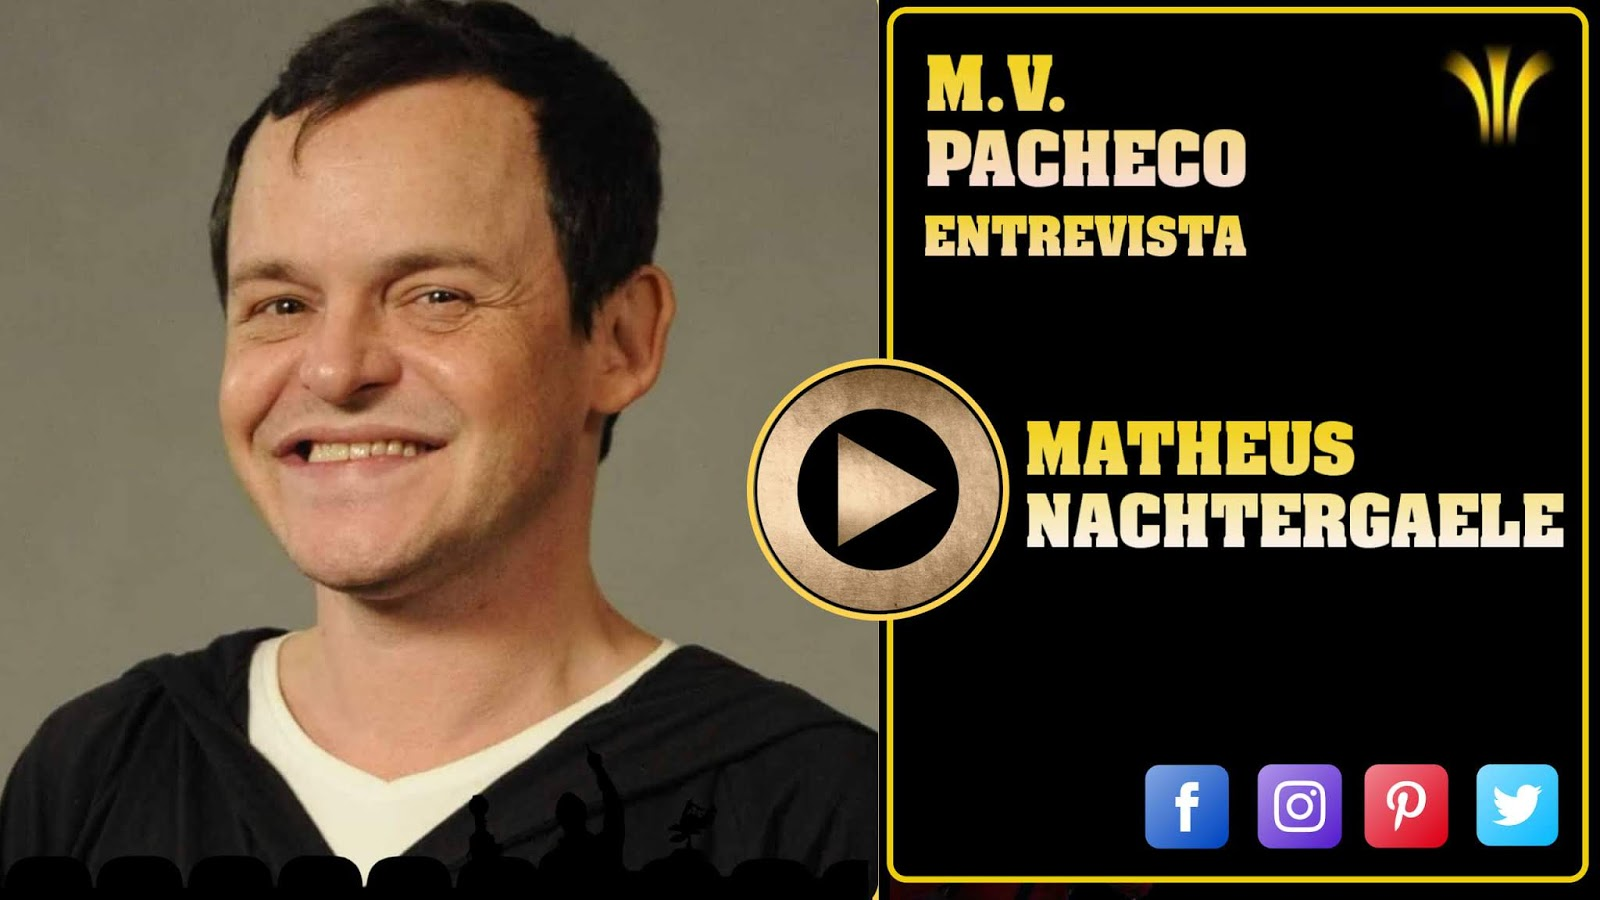 matheus-nachtergaele-7